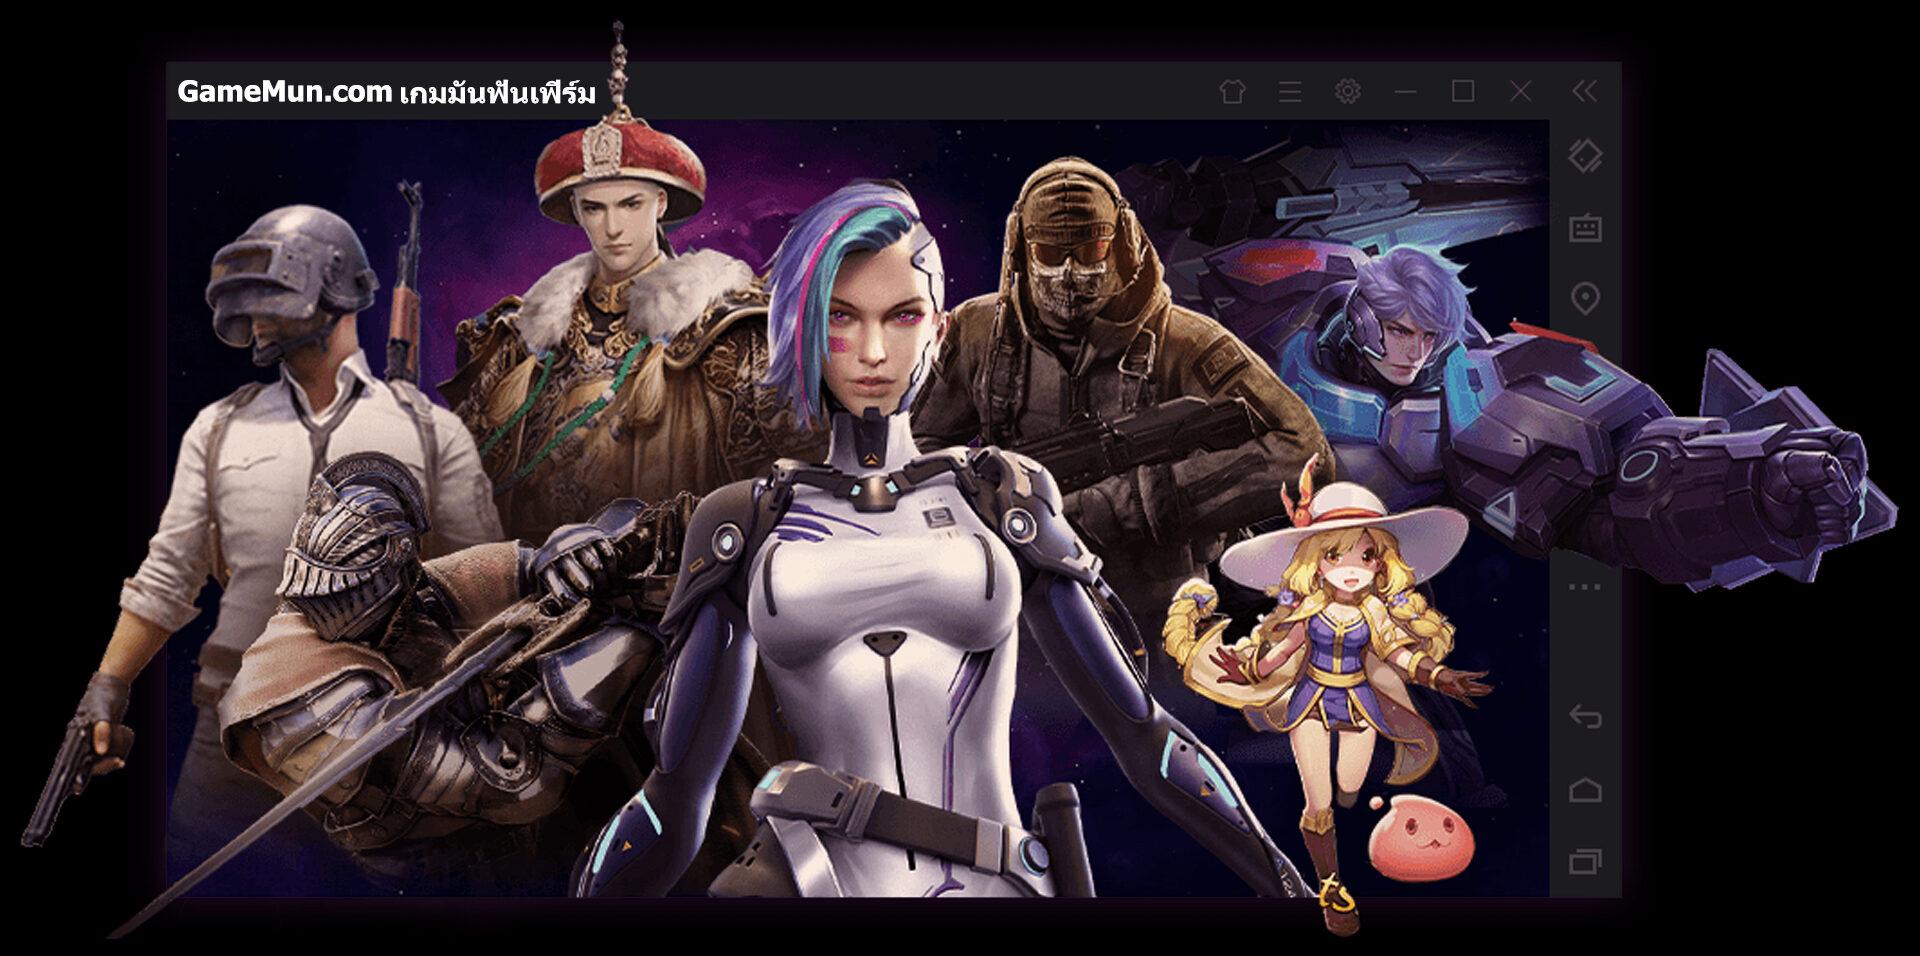 เกมมัน ๆ ฟันเฟิร์ม ข่าวเกมใหม่ ๆ ปี 2020 | เกมมัน.com